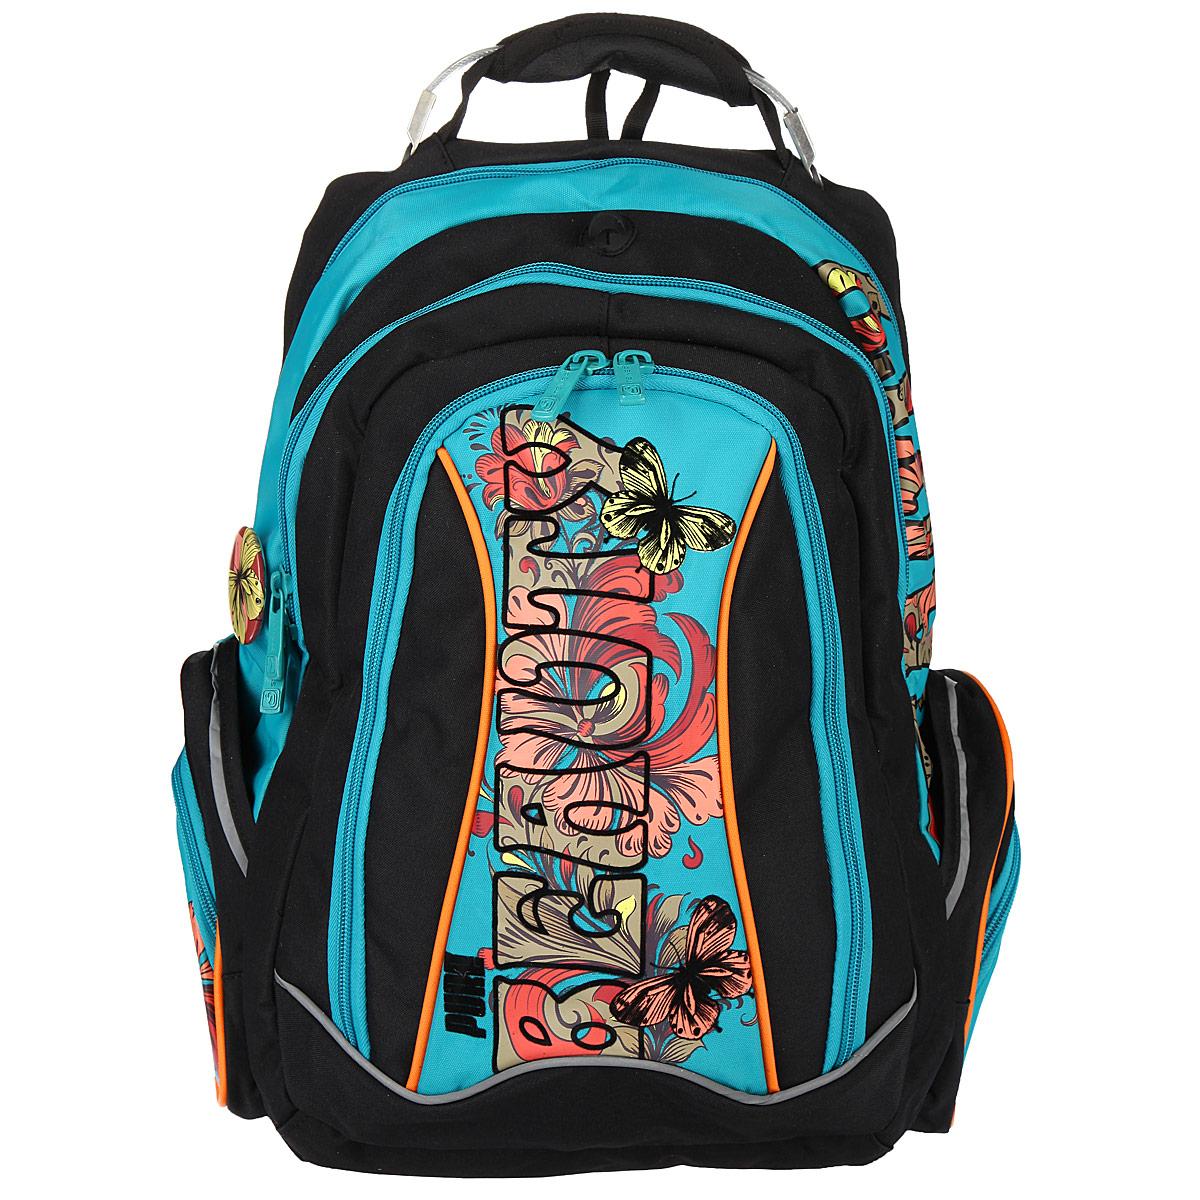 Рюкзак школьный Steiner BEAUTY, цвет: черный, бирюзовый. 12-252-15335055Эргономичный школьный рюкзак с ортопедической спинкой Steiner BEAUTY выполнен из современного пористого материала, отличающегося легкостью, долговечностью и повышенной влагостойкостью. Изделие оформлено изображениембабочек, цветов и логотипа бренда на лицевой стороне.Рюкзак имеет два основных отделения, которые закрываются на молнии. Внутри главного отделения расположены: два накладных кармана-разделителя на липучках, накладной мягкий карман для планшета или ноутбука на резинке с липучкой. Внутри второго отделения размещен органайзер для письменных принадлежностей, состоящий из пяти накладных карманов, один из которых карман-сетка на молнии. По бокам рюкзака размещены четыре дополнительных накладных кармана, два из которых застегиваются на молнии. В спинку рюкзака встроены два накладных кармана на молниях, внутри верхнего кармана находится кармашек для телефона на липучке.Рельеф спинки рюкзака разработан с учетом особенности детского позвоночника.Рюкзак оснащен эргономичной ручкой для переноски, двумя широкими лямками, регулируемой длины, петлей для подвешивания.Многофункциональный школьный рюкзак Steiner BEAUTY станет незаменимым спутником вашего ребенка в походах за знаниями.